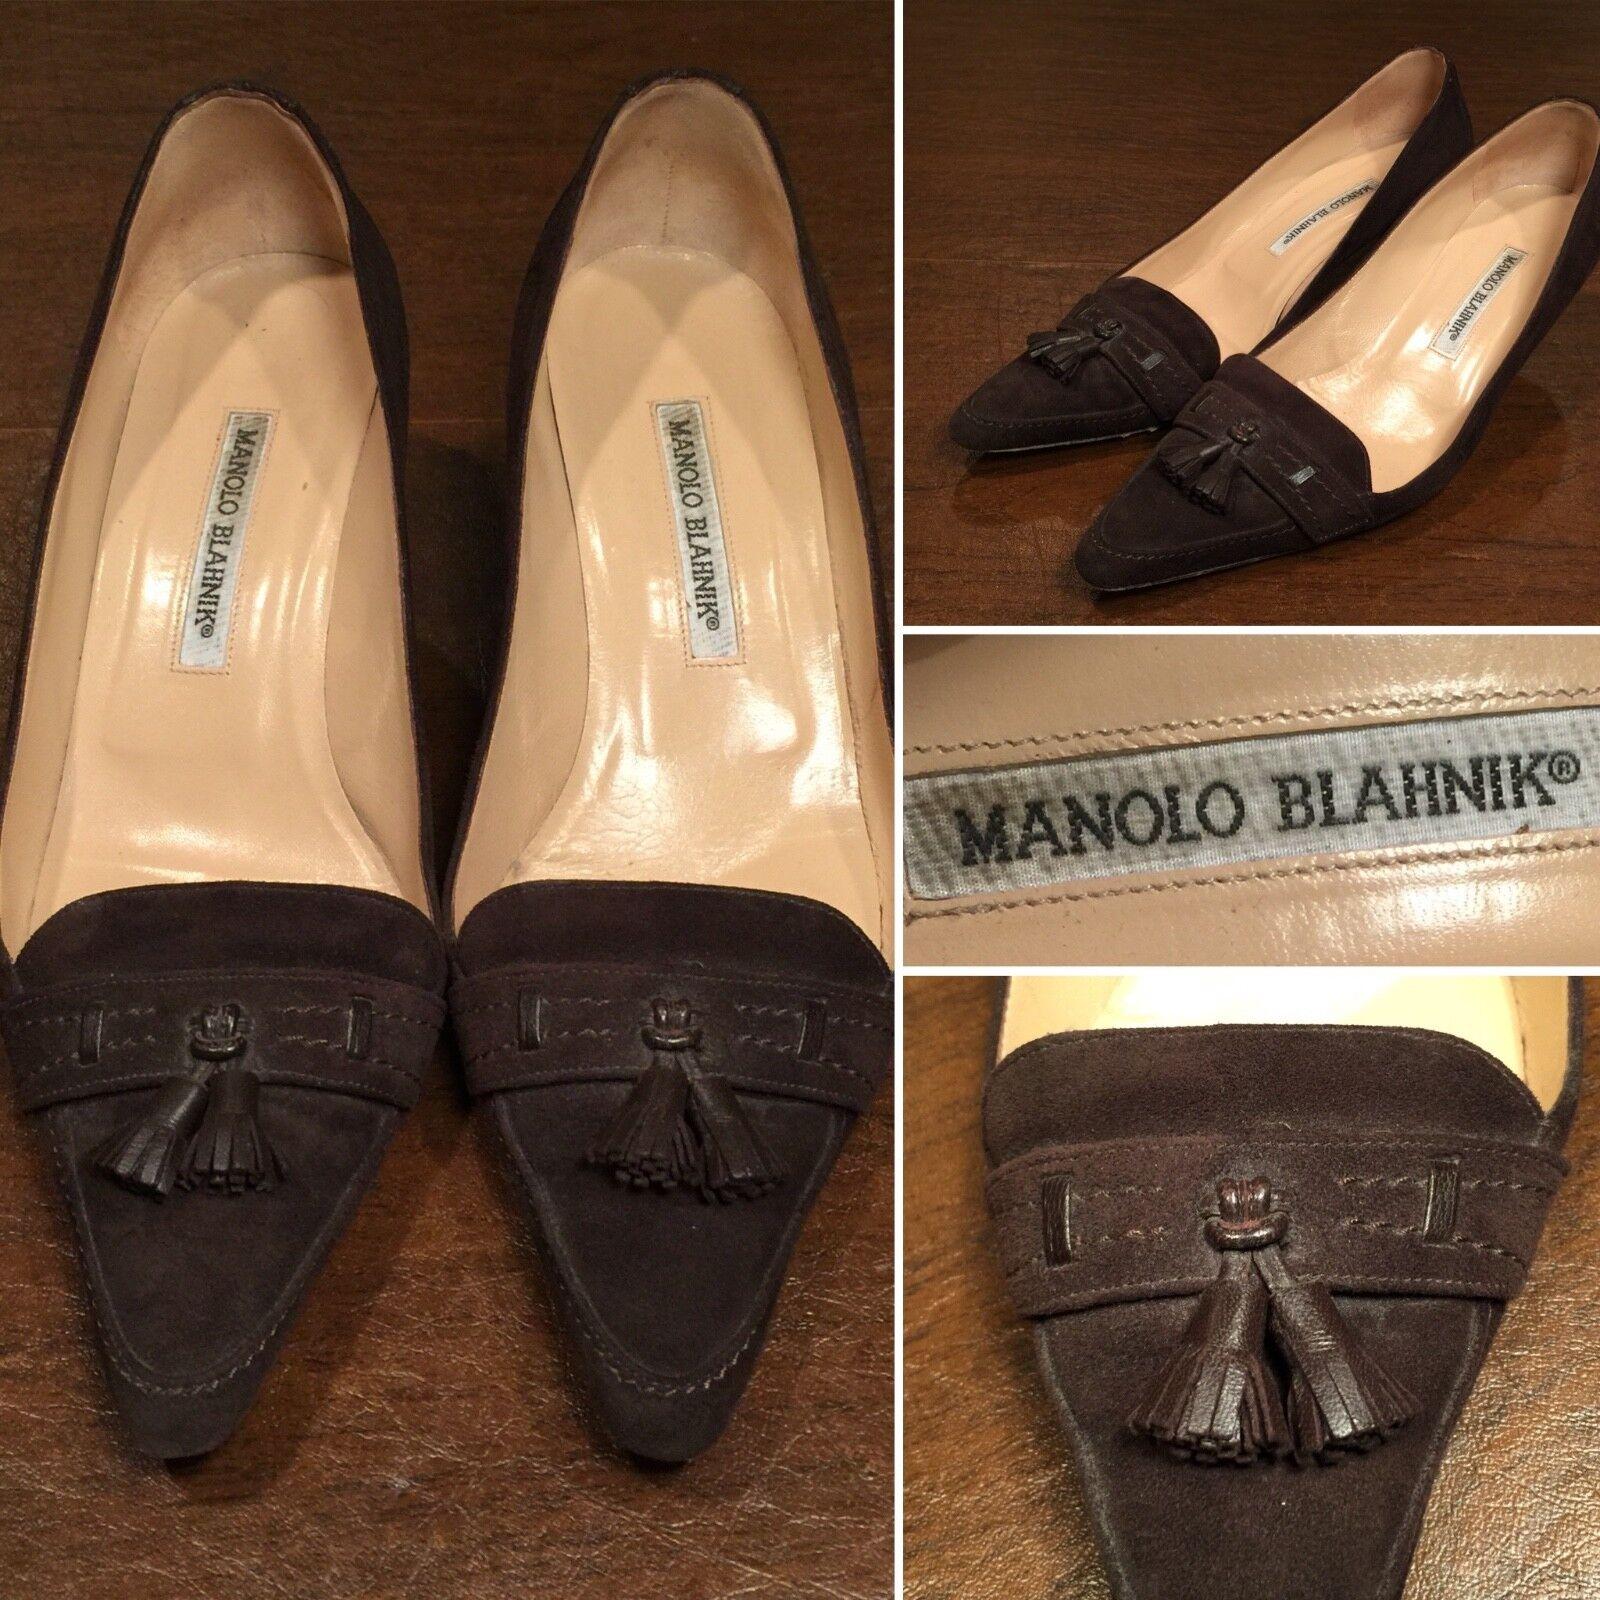 MANOLO BLAHNIK Dimensione  38.5  US 8 Marronee Suede Pointed -Toe Kitten Heels Tasseles scarpe  prendiamo i clienti come nostro dio